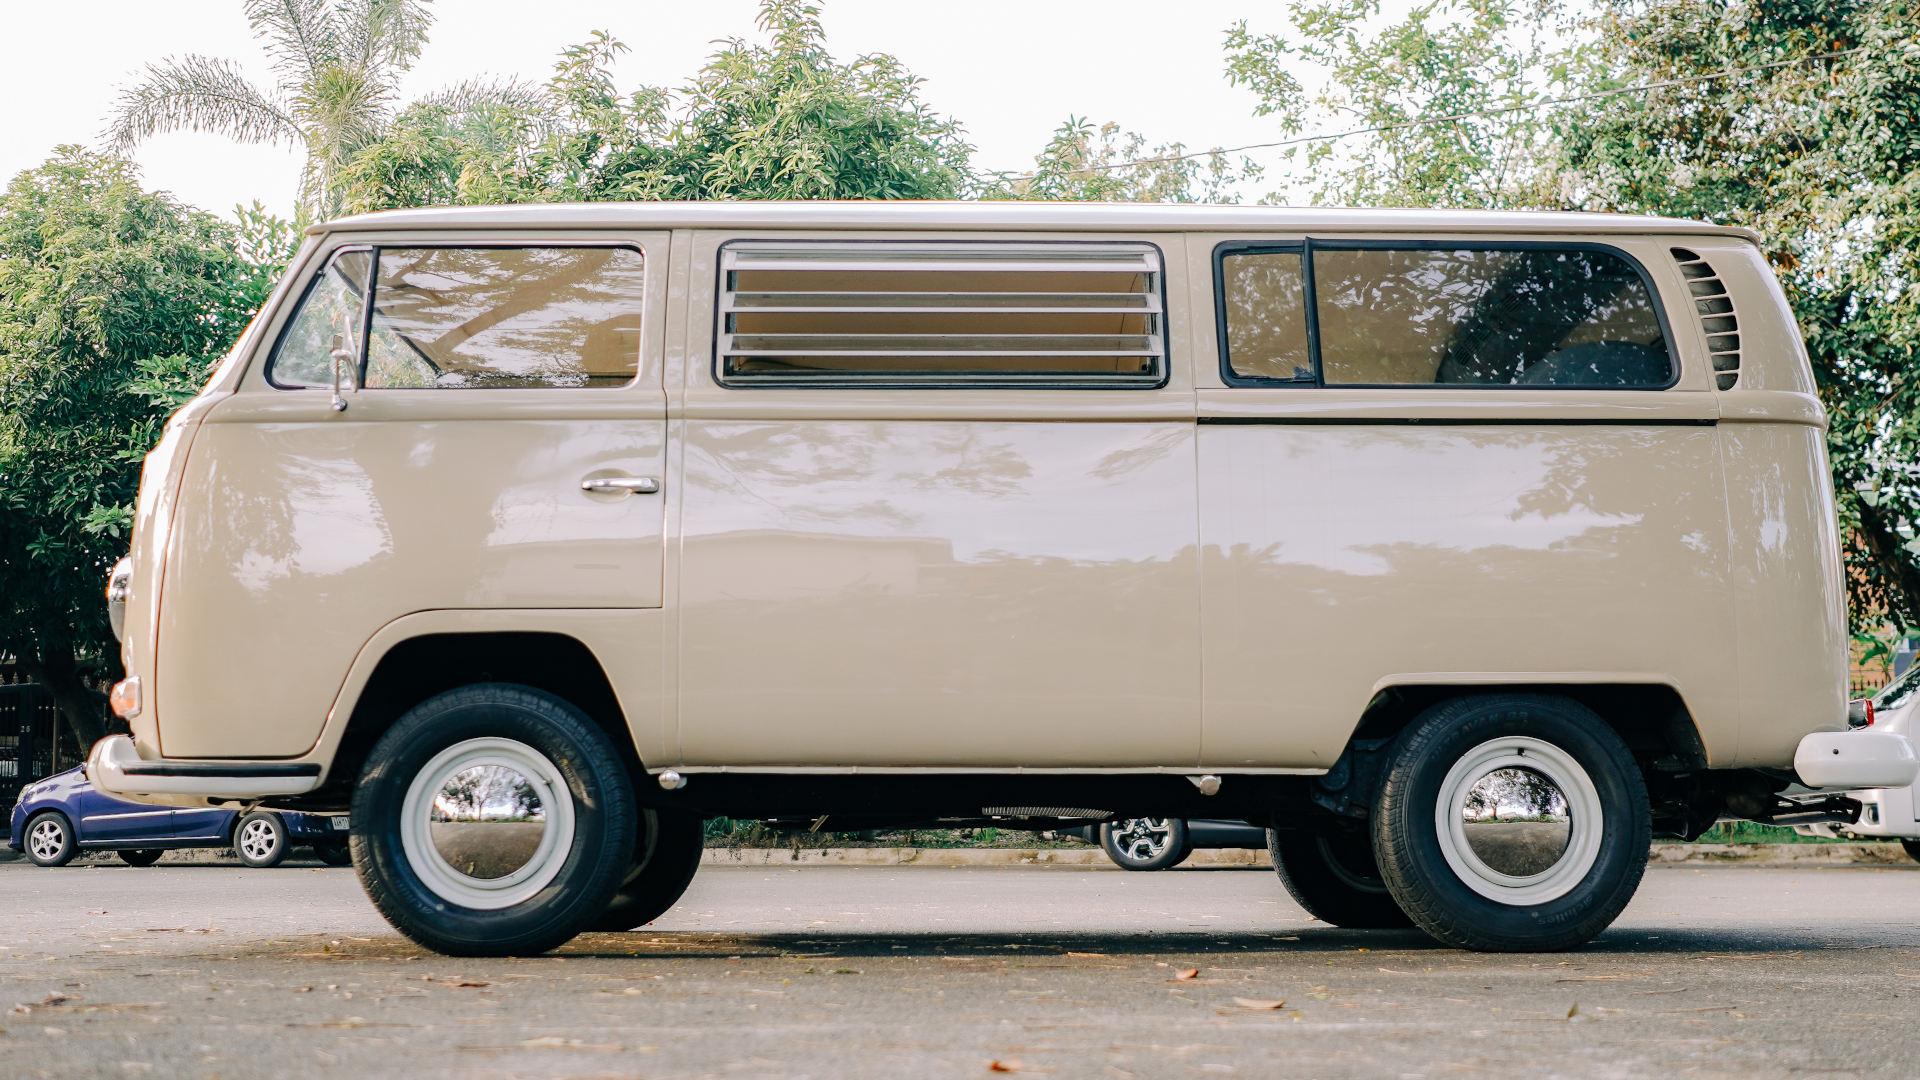 Volkswagen Type 2 alternative side view